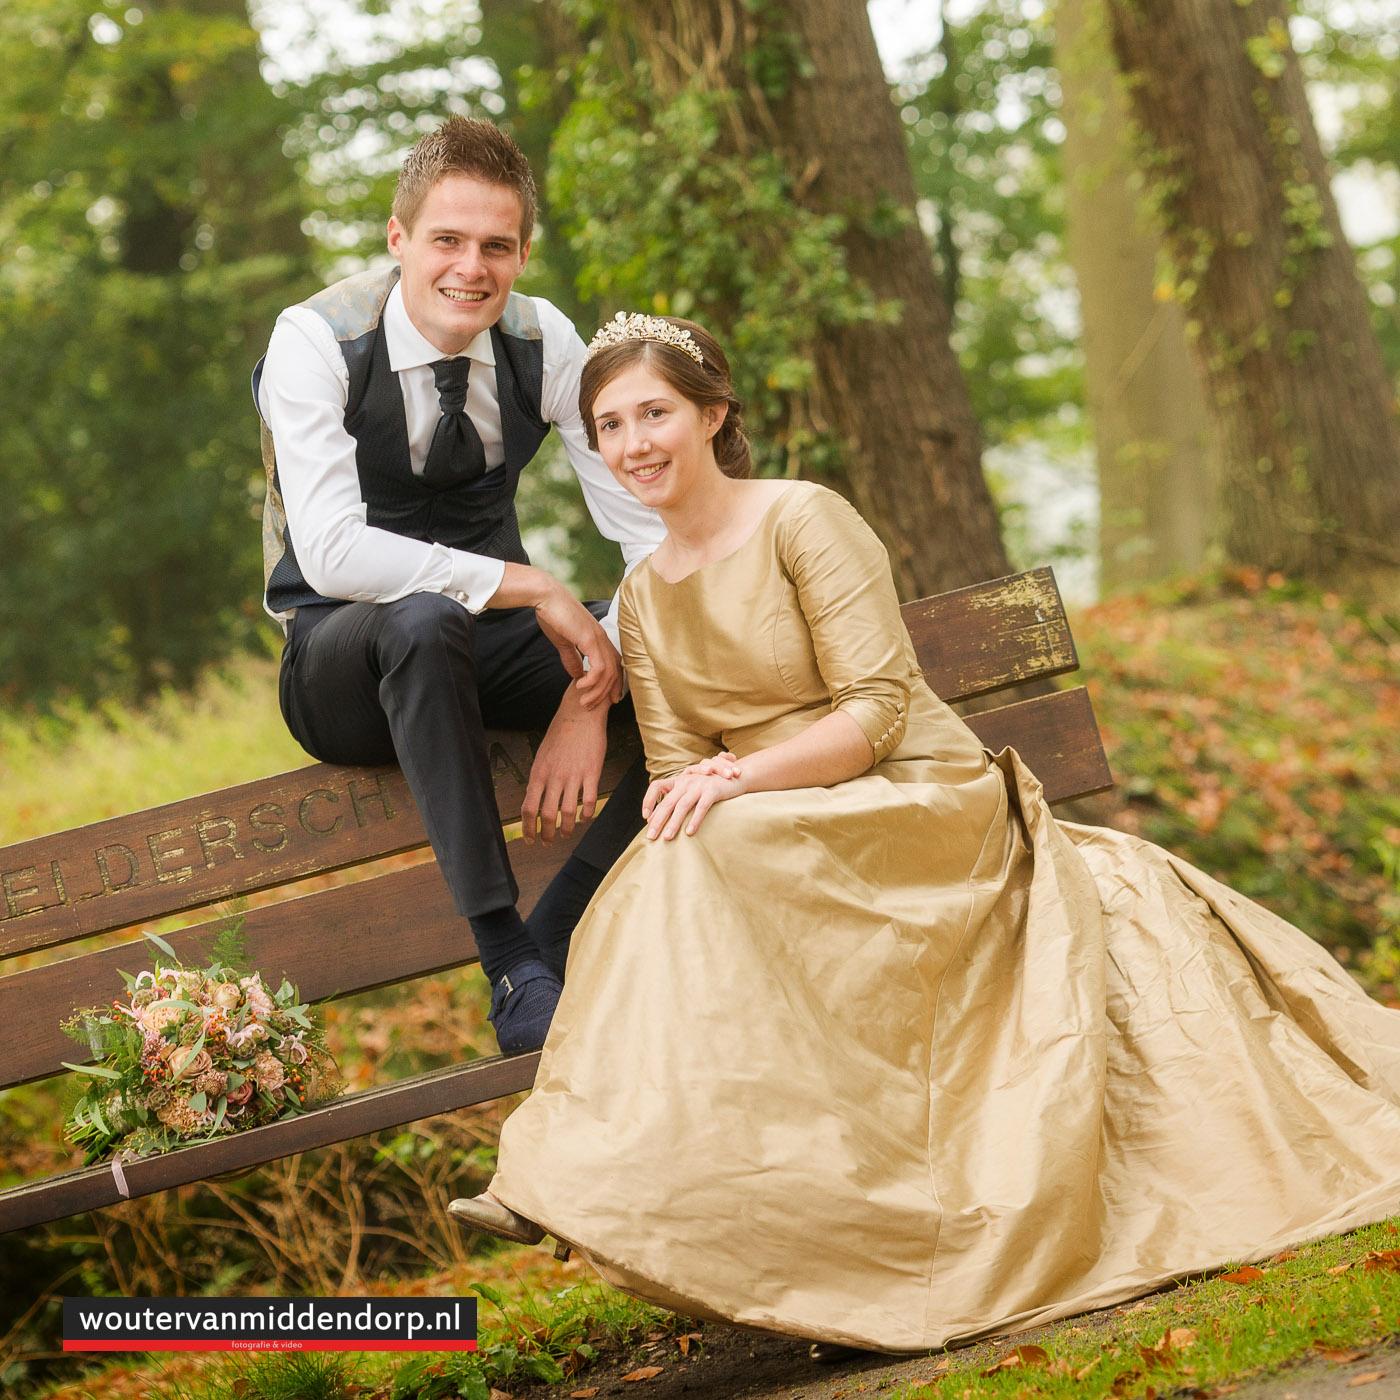 bruidsfotografie Wouter van Middendorp Uddel-25